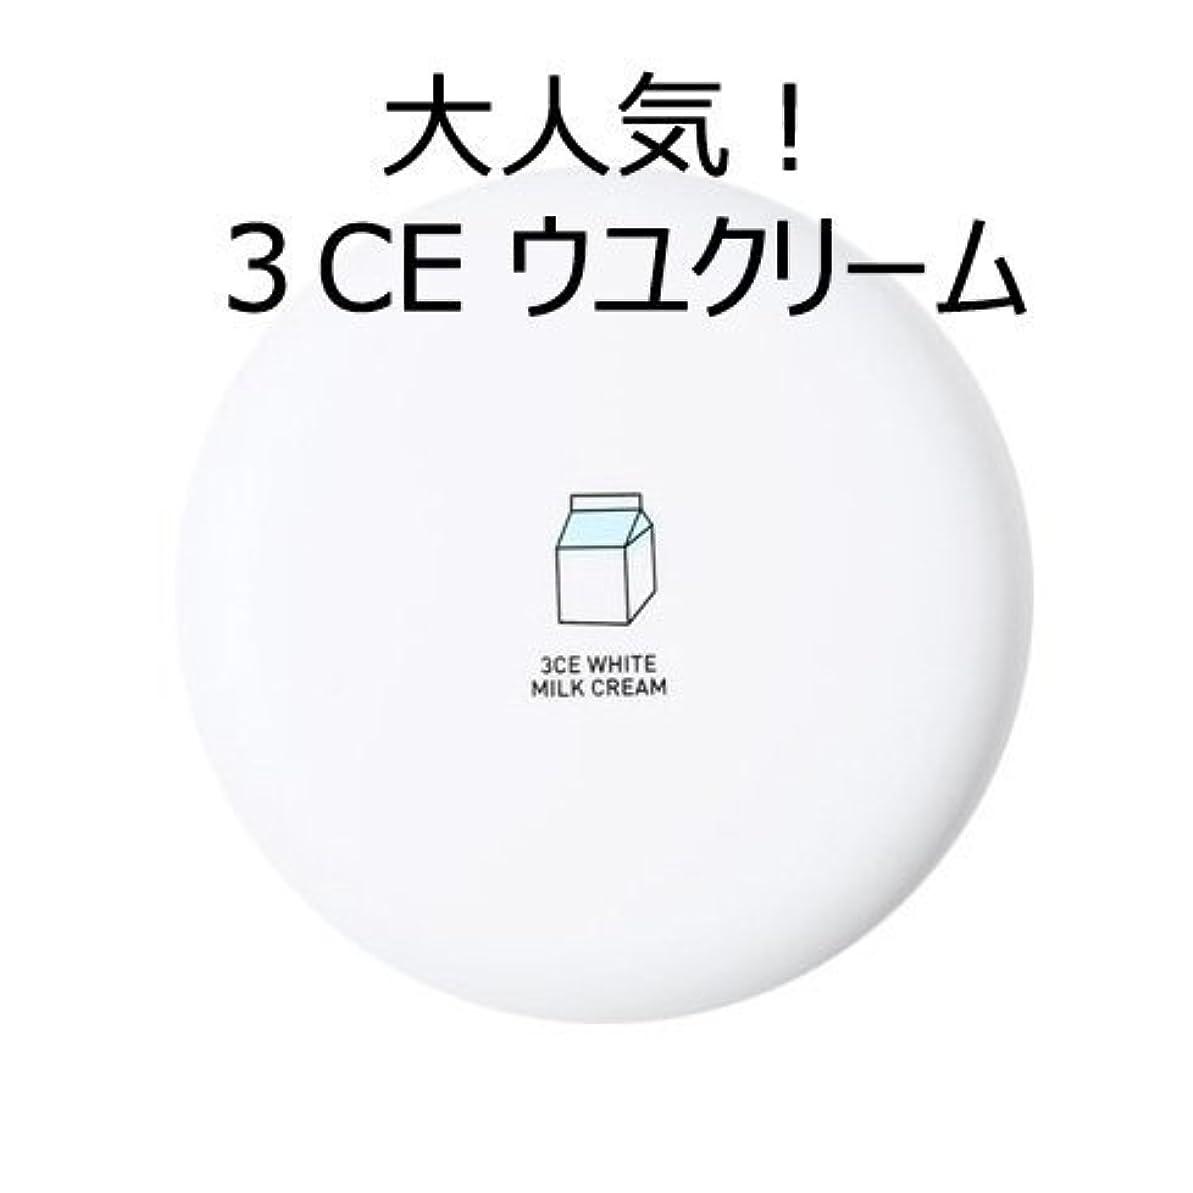 ミル熱狂的な対処する[3CE] [大人気!話題のウユクリーム] 3CE White Milk Cream [並行輸入品]